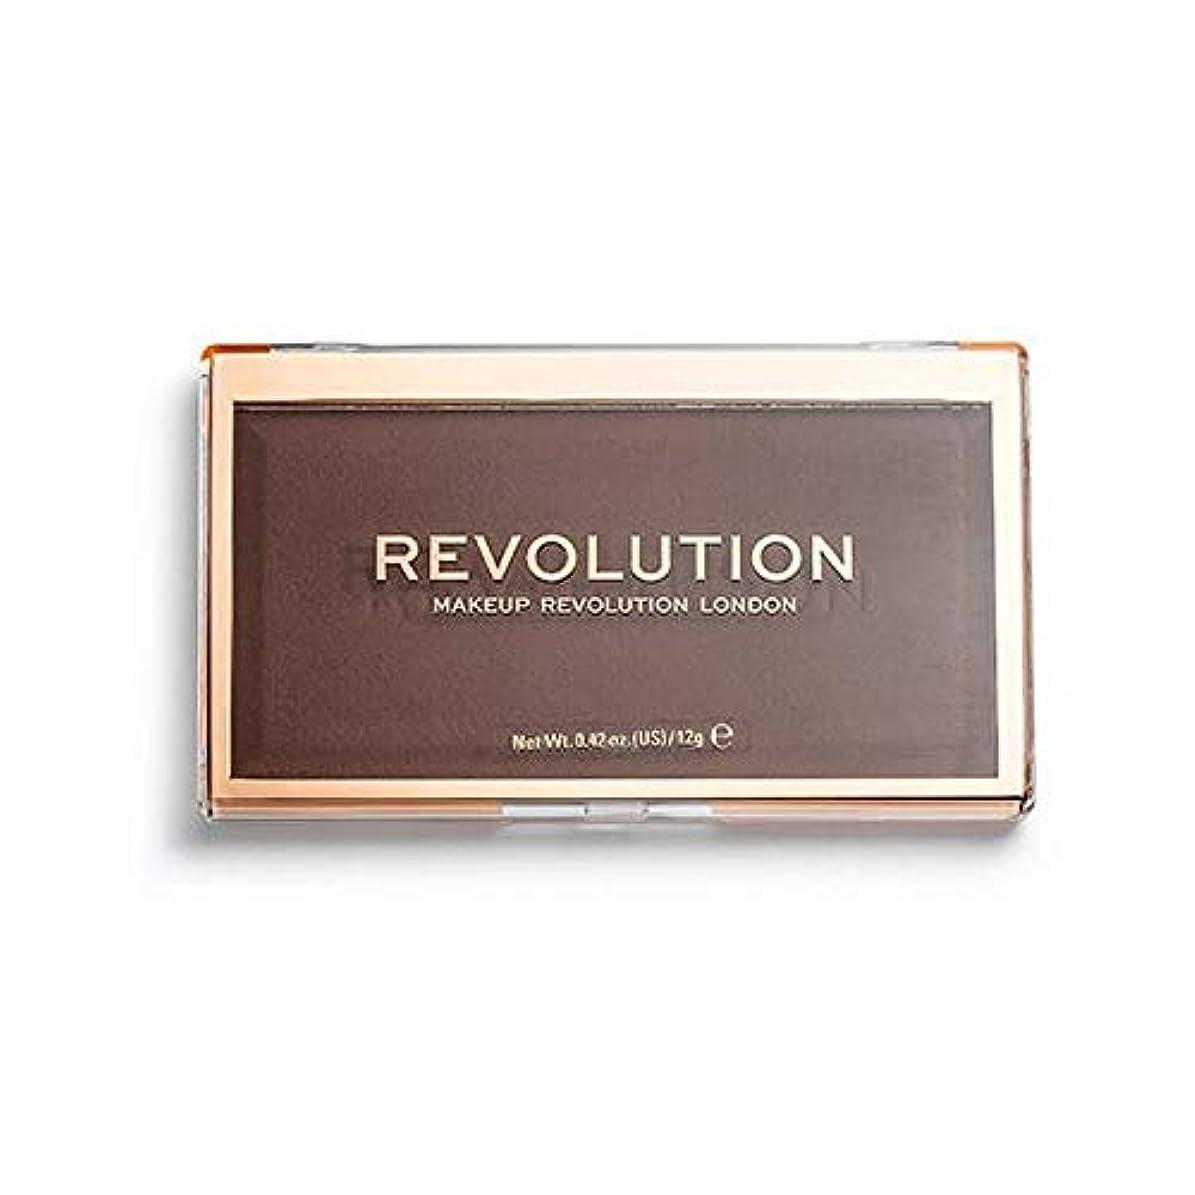 構成員発言する刺繍[Revolution ] 回転マットベース粉末P15 - Revolution Matte Base Powder P15 [並行輸入品]